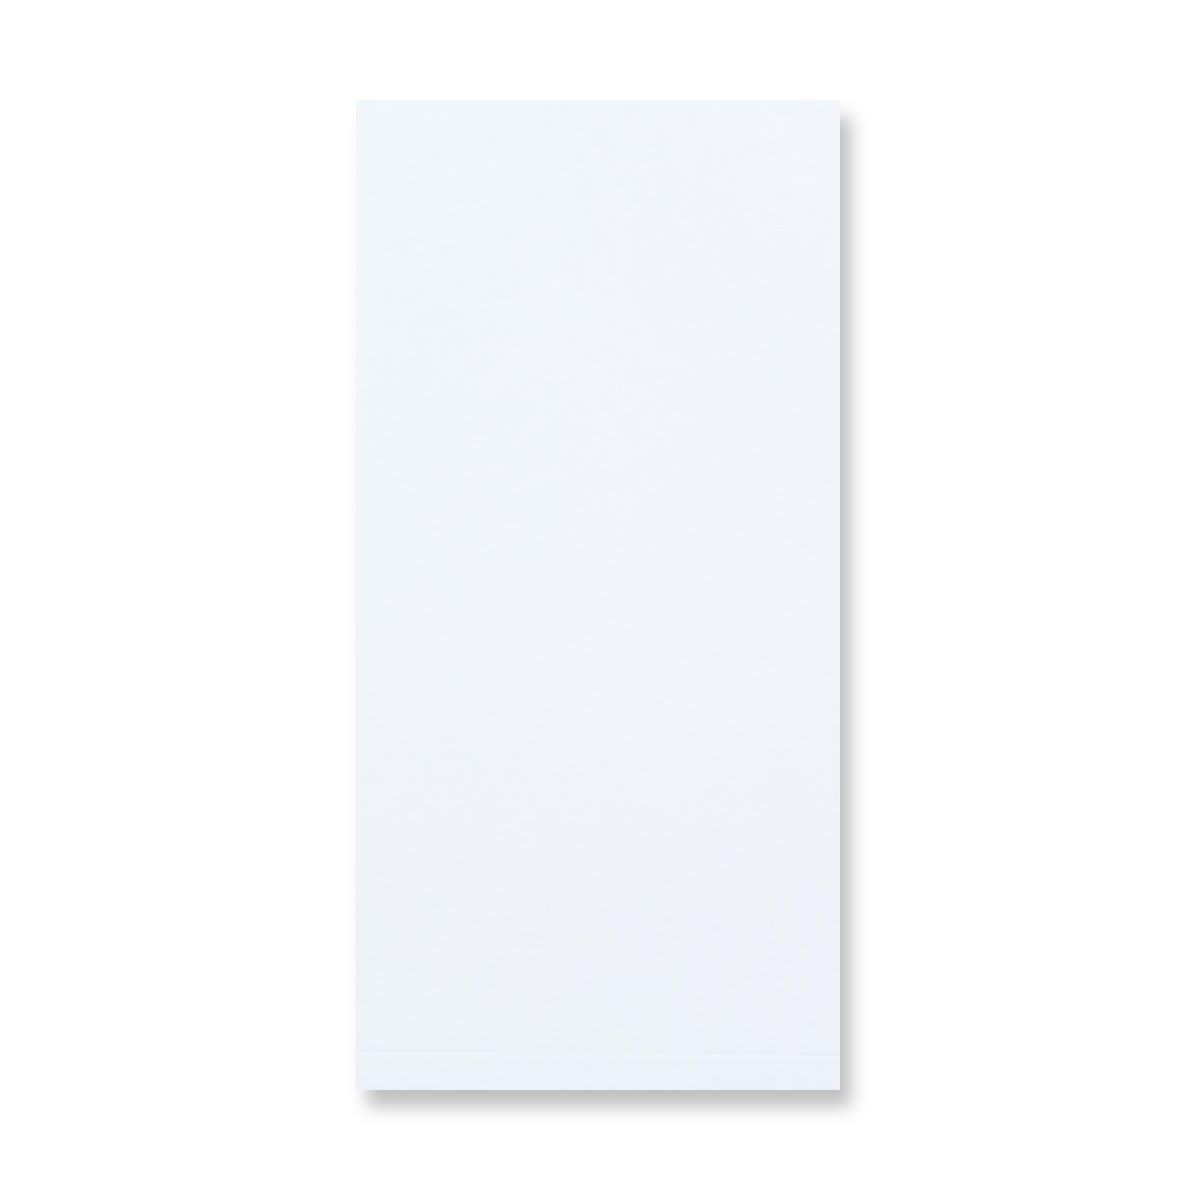 DL WHITE GUSSET ENVELOPES